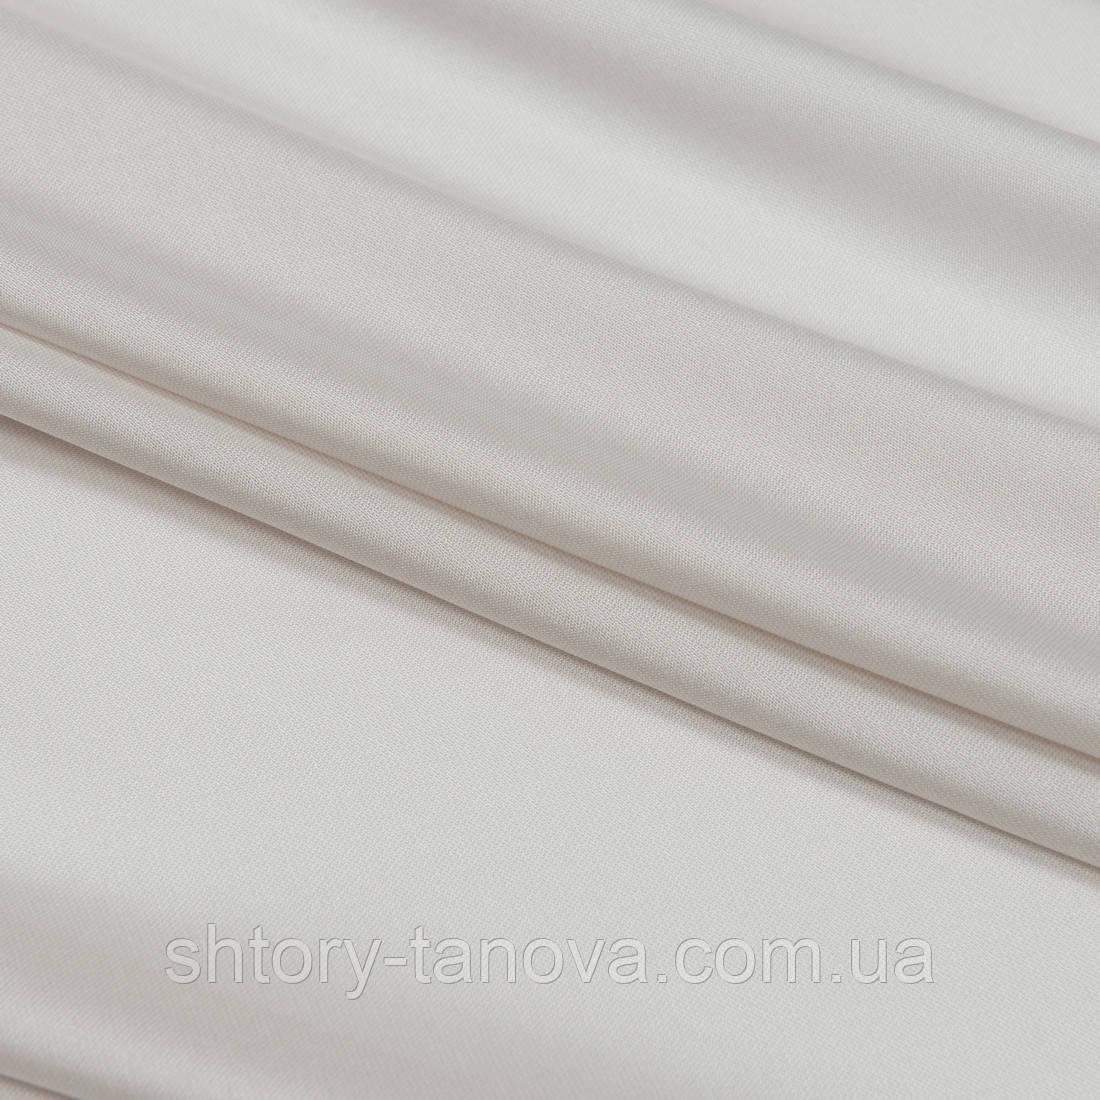 Тюль с утяжелителем злата крем-брюле